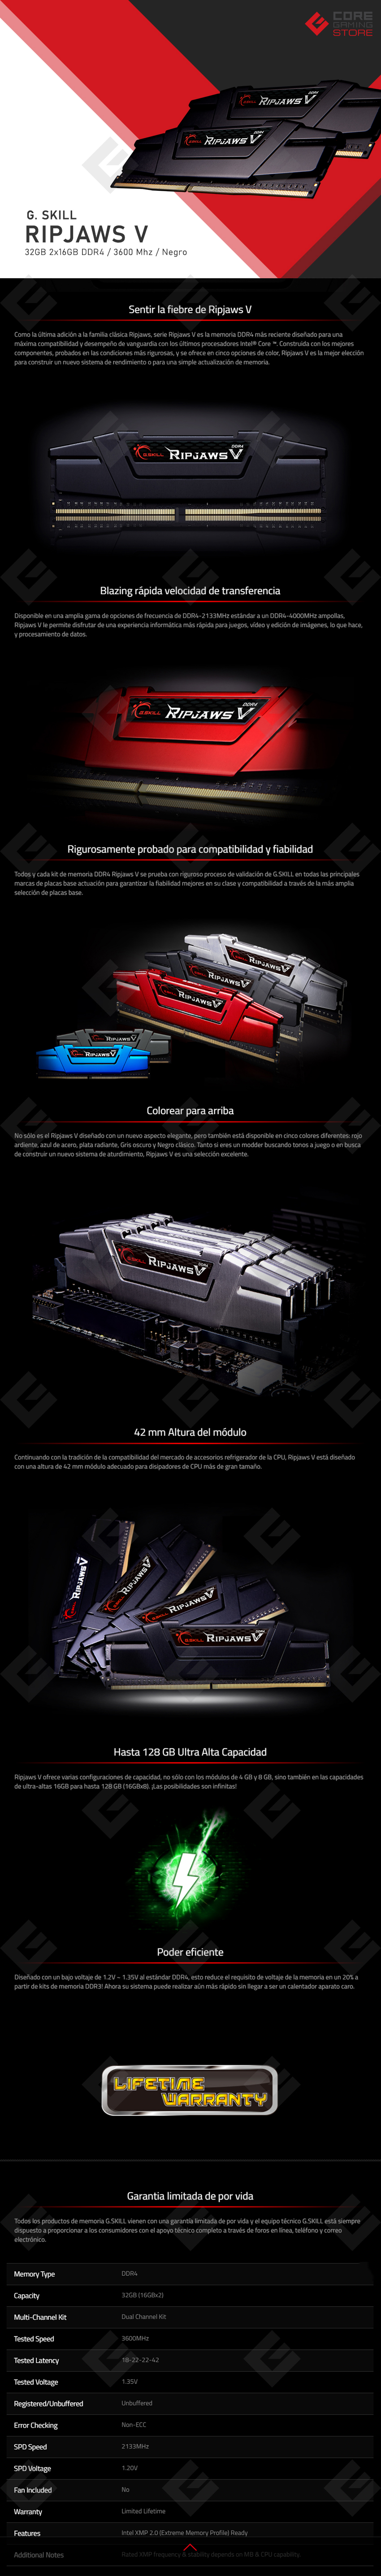 Memoria RAM G.Skill Ripjaws V 32GB 2X16GB DDR4 3600MHZ  - Negro